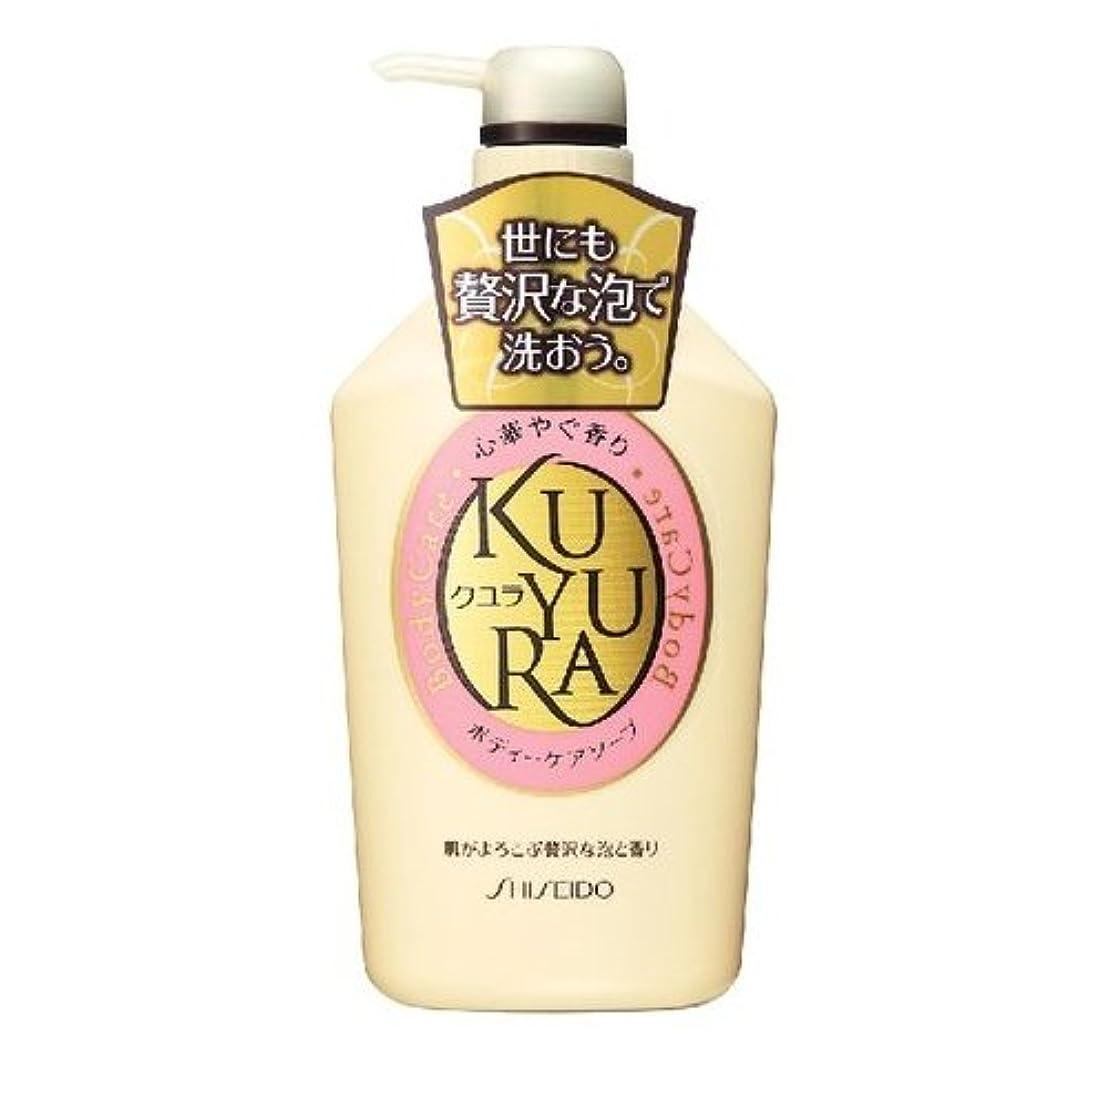 化粧太い韓国クユラ ボディケアソープ 心華やぐ香り ジャンボサイズ550ml